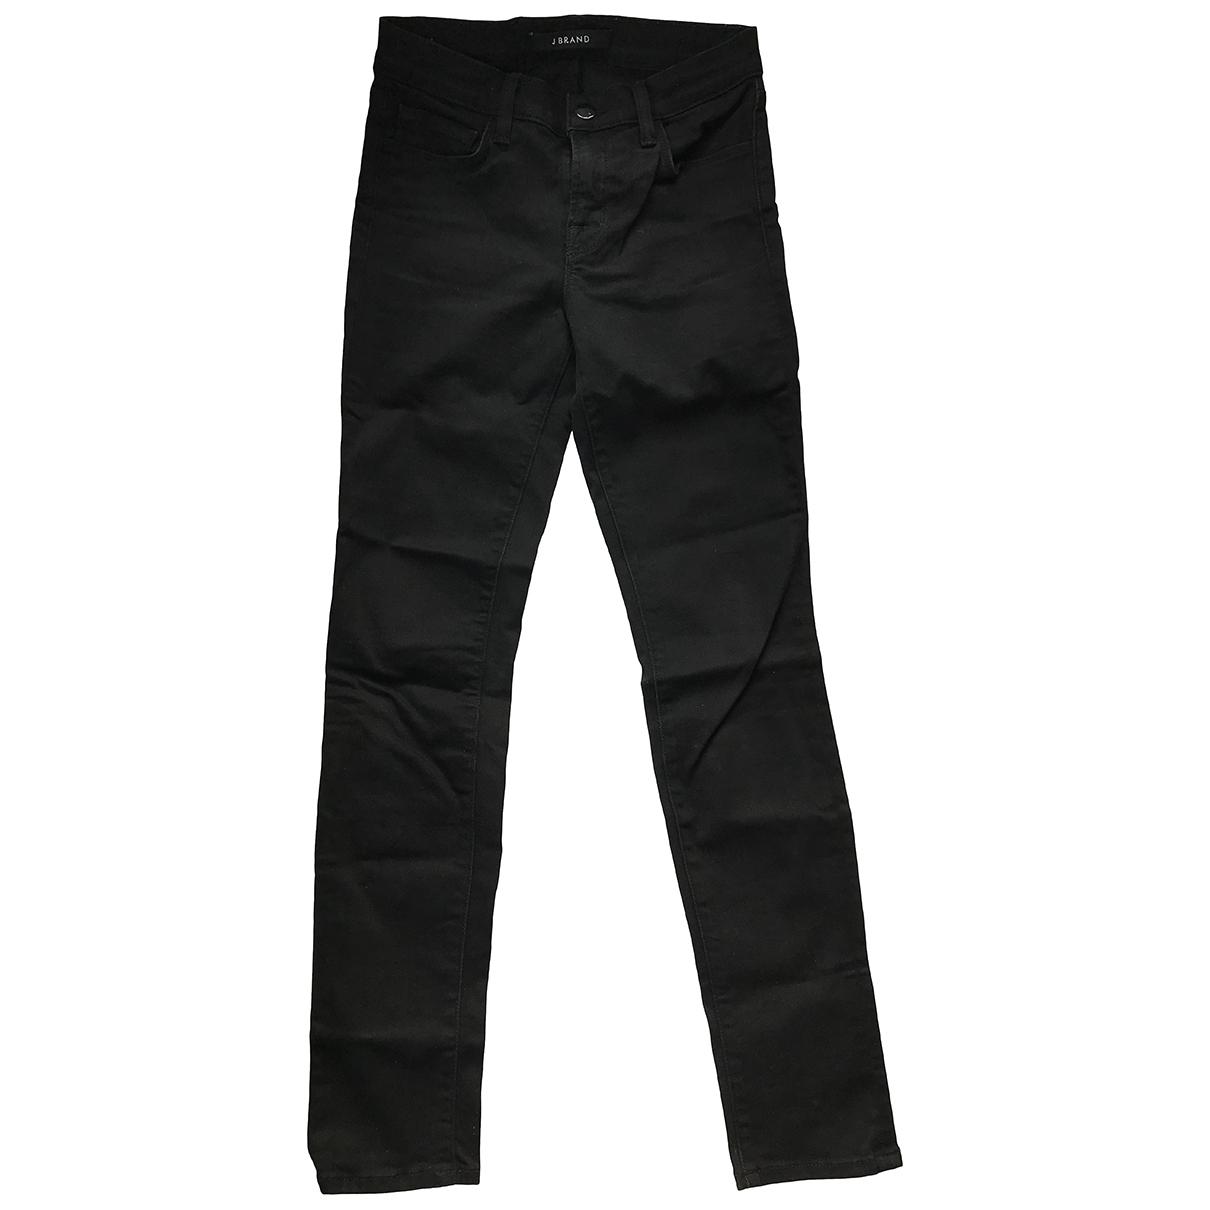 J Brand \N Black Denim - Jeans Jeans for Women 35 FR